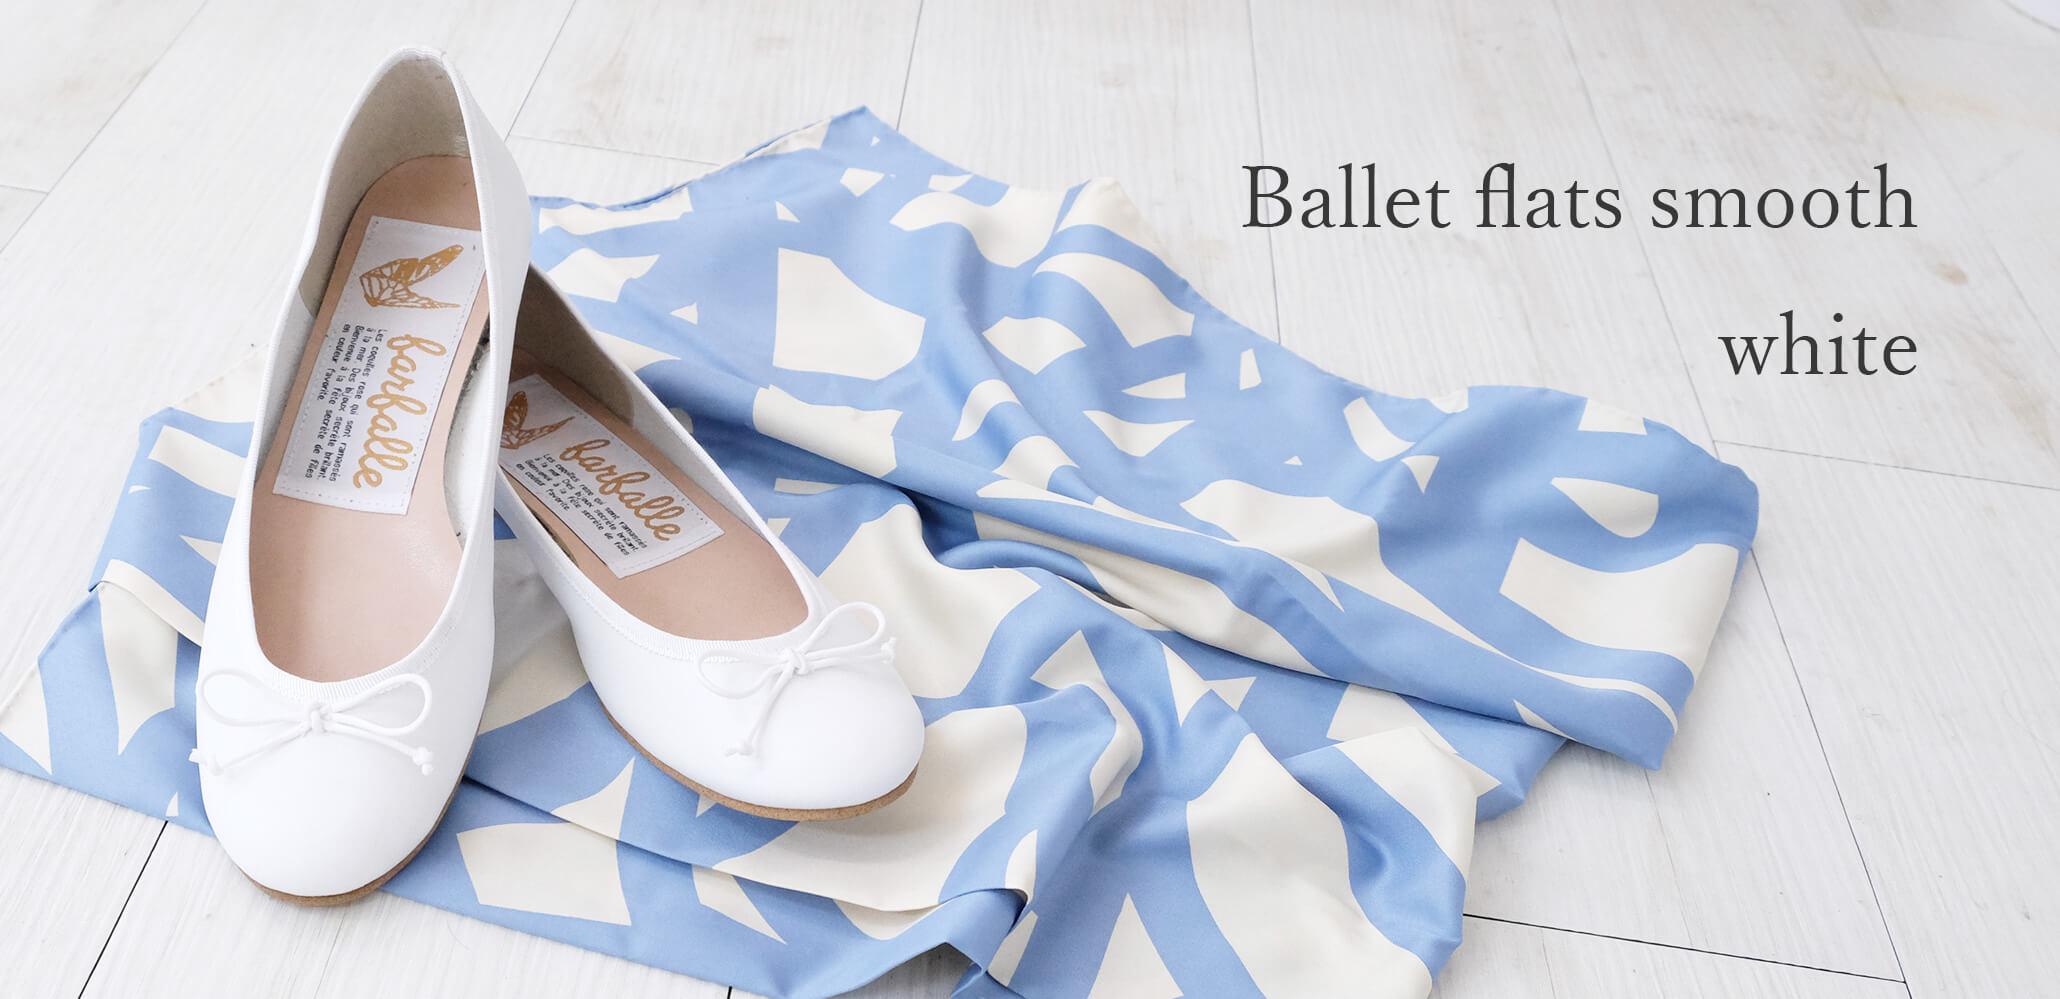 爽やかなスムース人工皮革素材を使ったラウンドトゥのフラットバレエシューズはスニーカーのように気軽に履ける一足です。